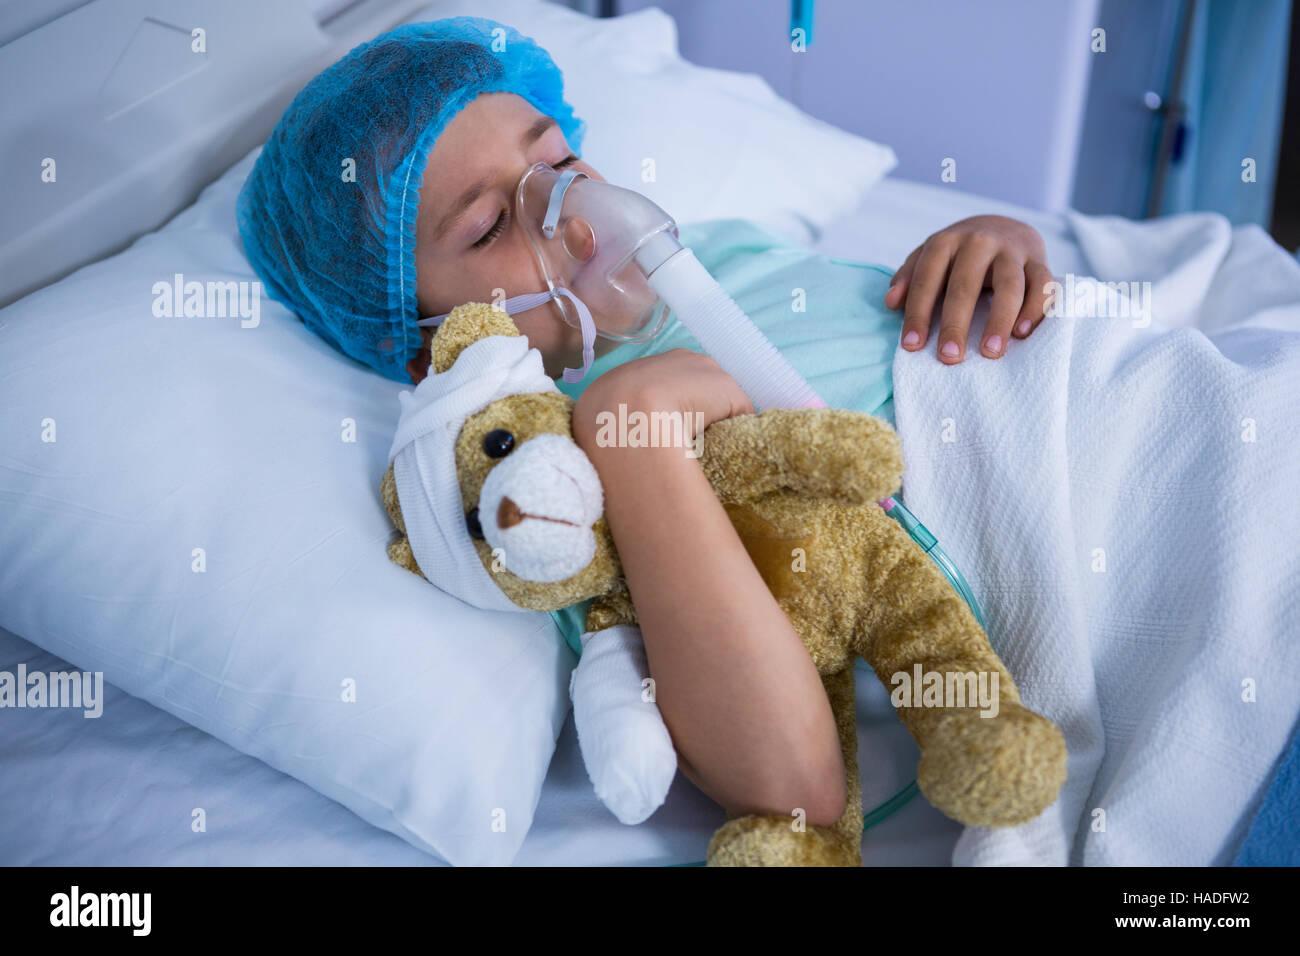 patienten mit sauerstoffmaske entspannend auf bett im bezirk stockfoto bild 126916974 alamy. Black Bedroom Furniture Sets. Home Design Ideas